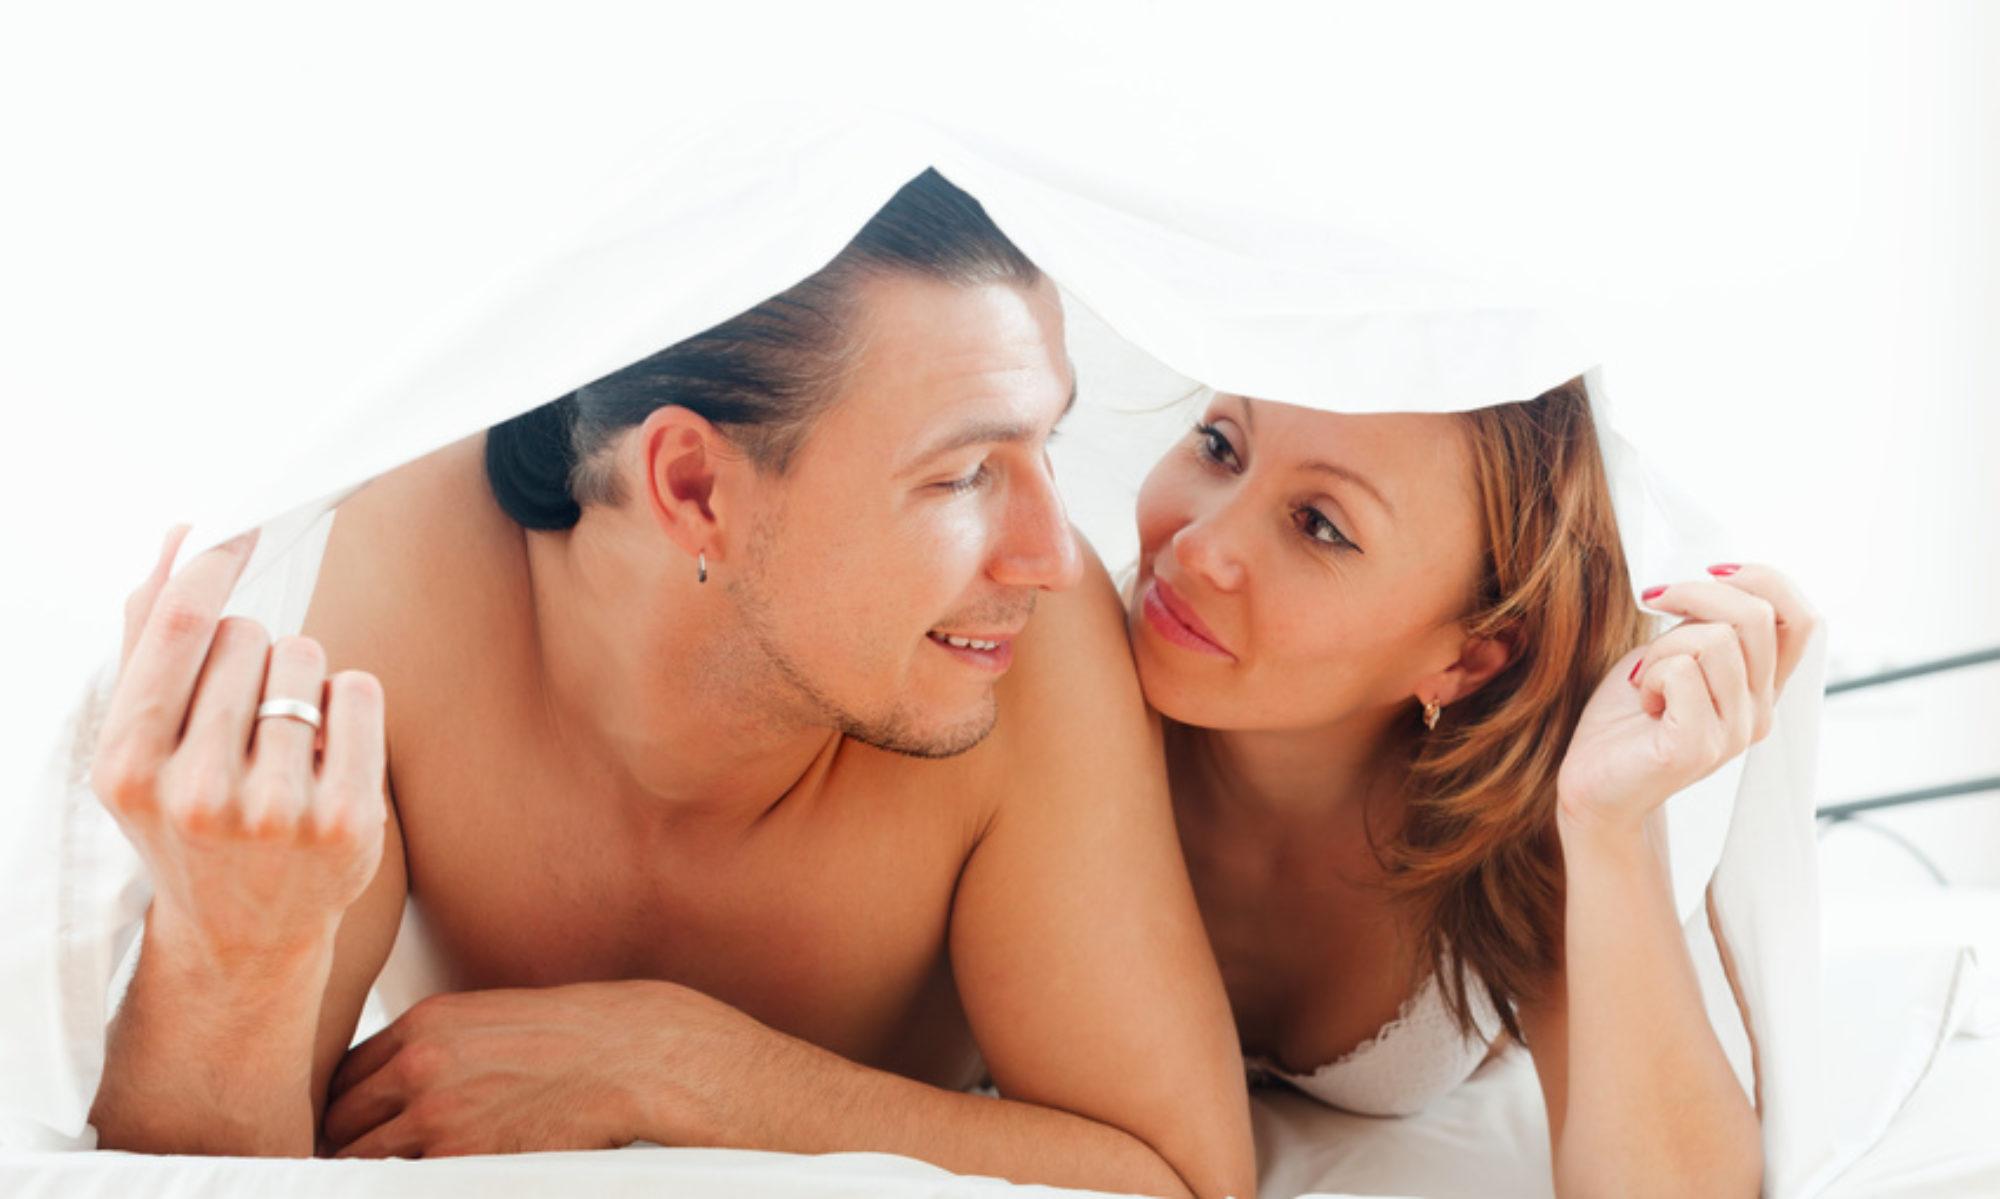 Sextrefftest - Gute Sexportale